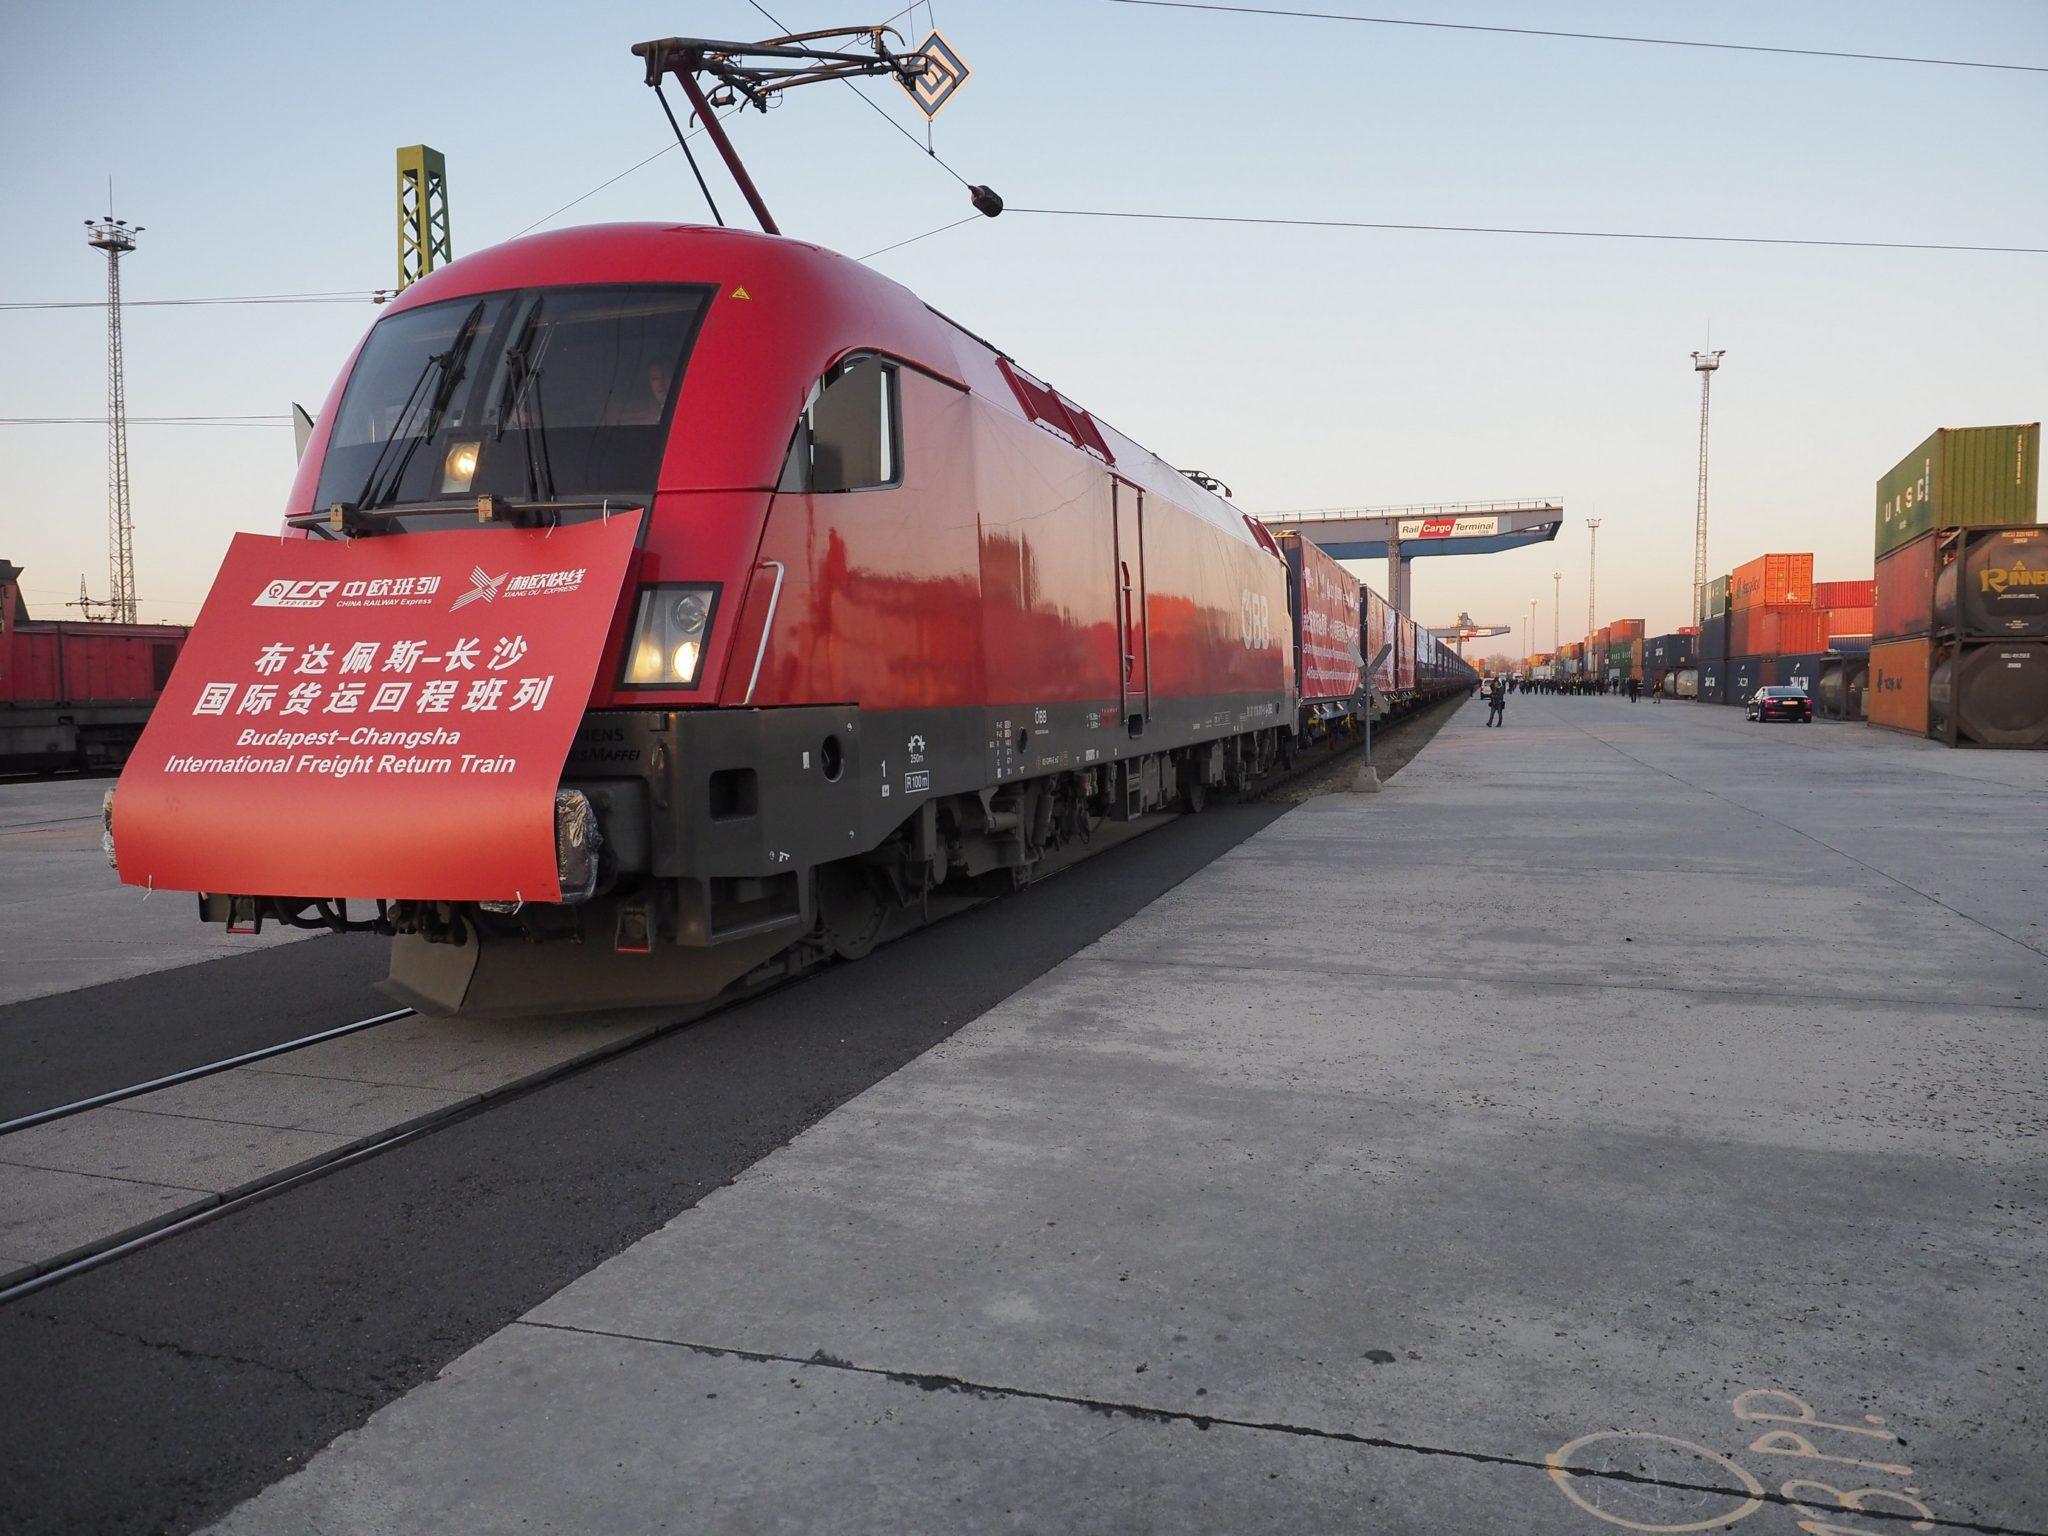 A vasút szerepe az acélipari szállításokban